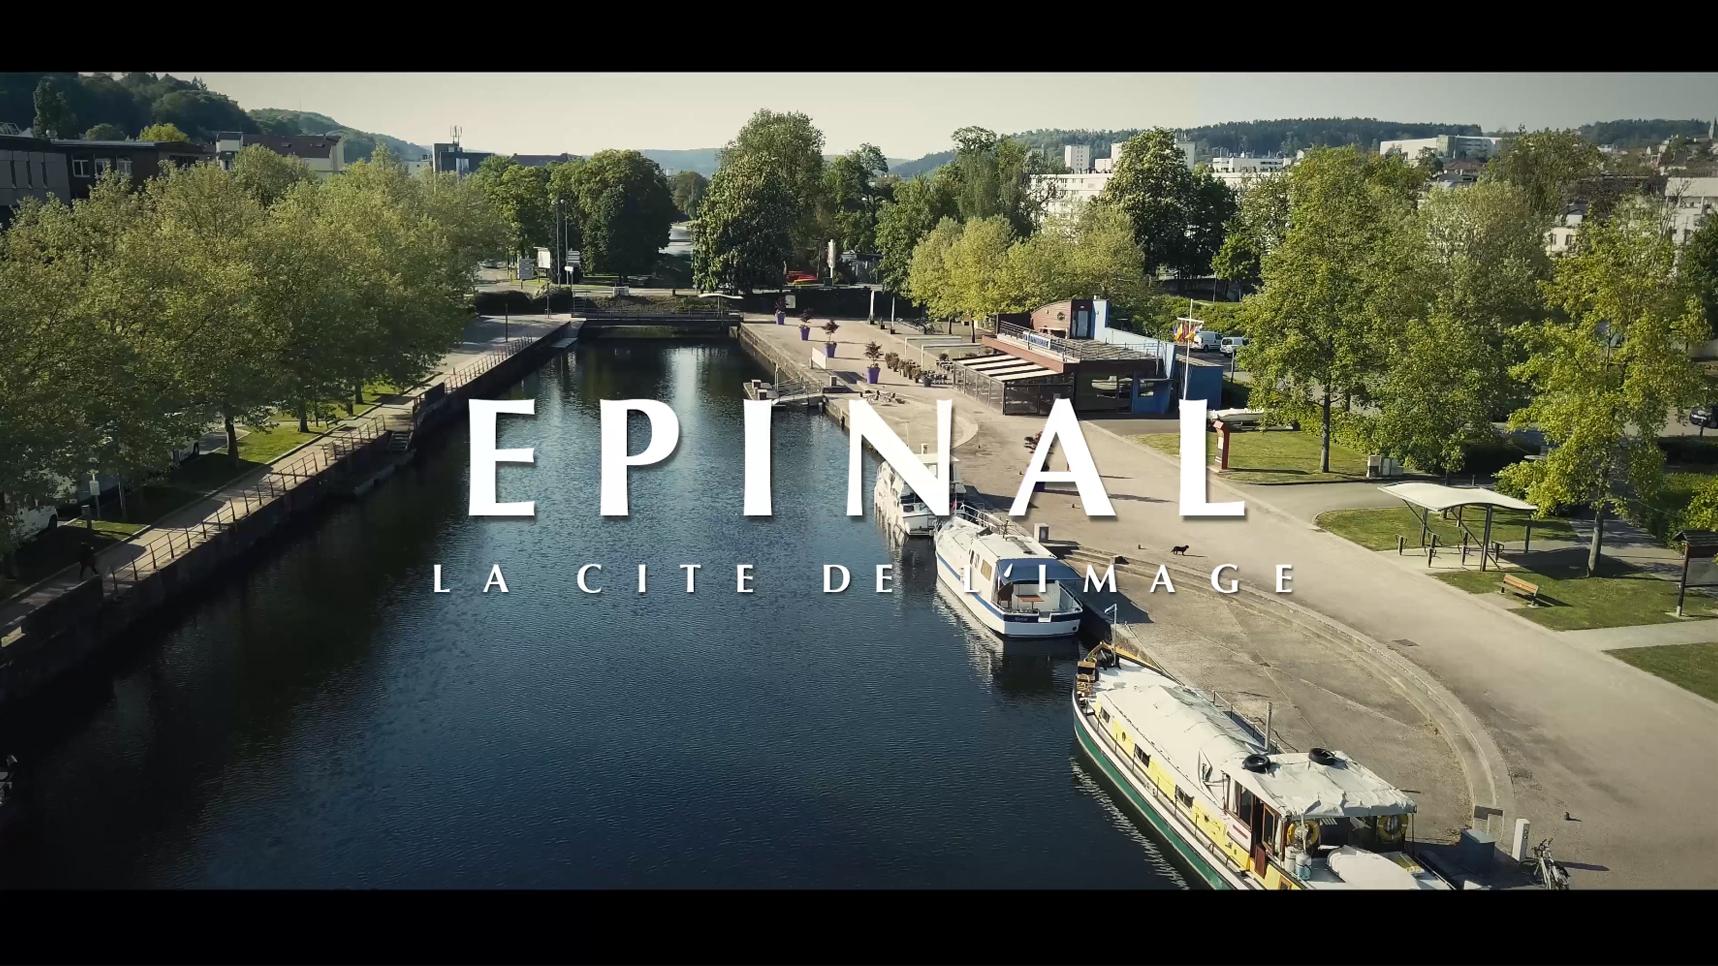 Epinal, la cité de l'image !